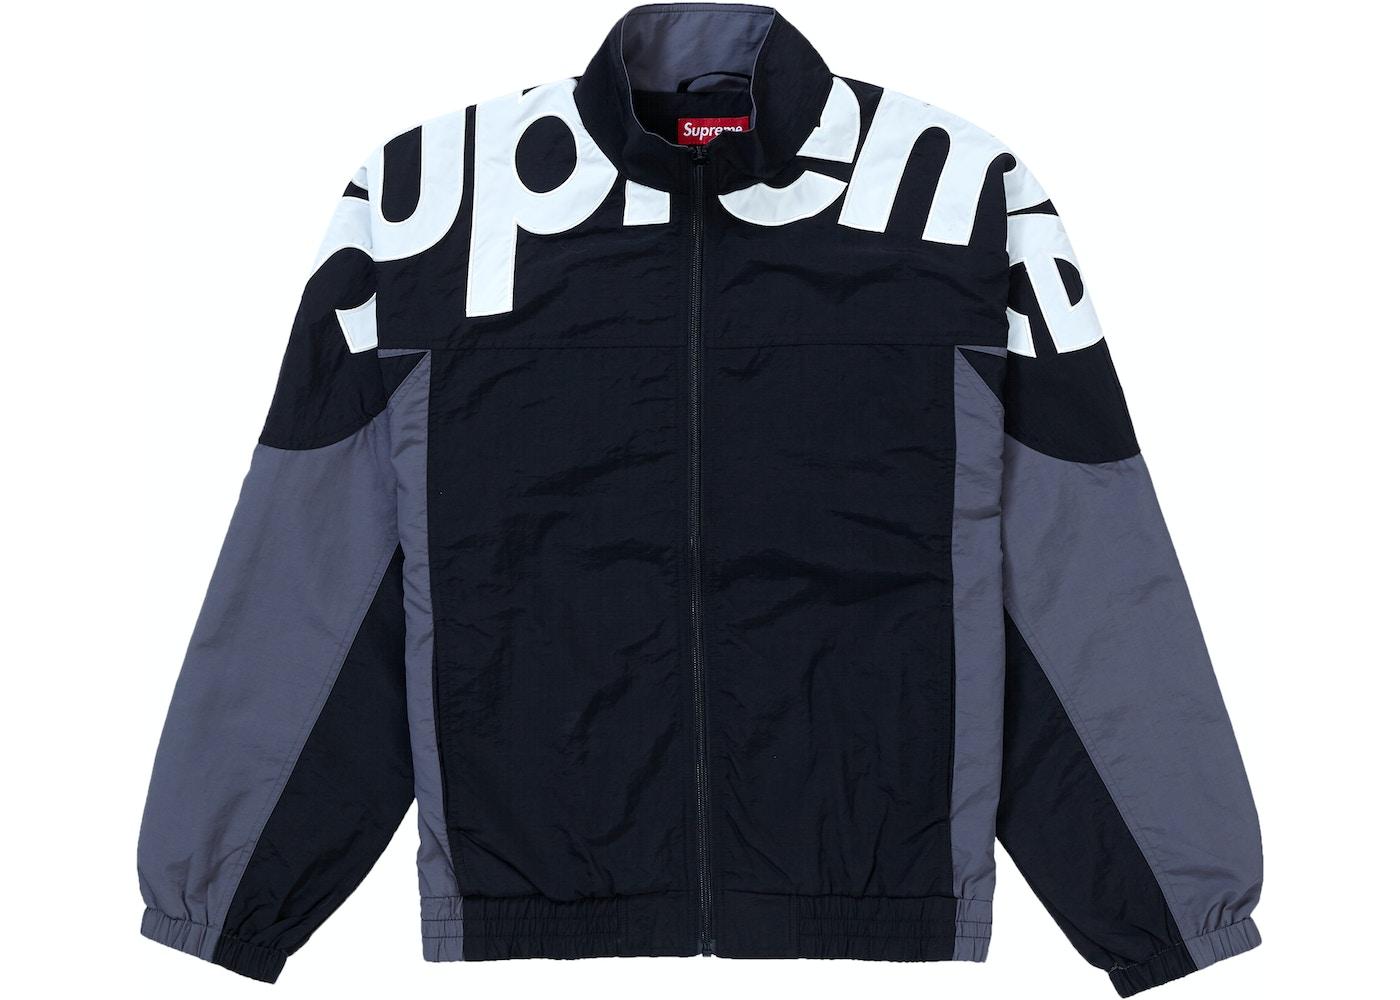 Supeme Jacket Supreme Shoulder Logo Track Jacket Black - FW19